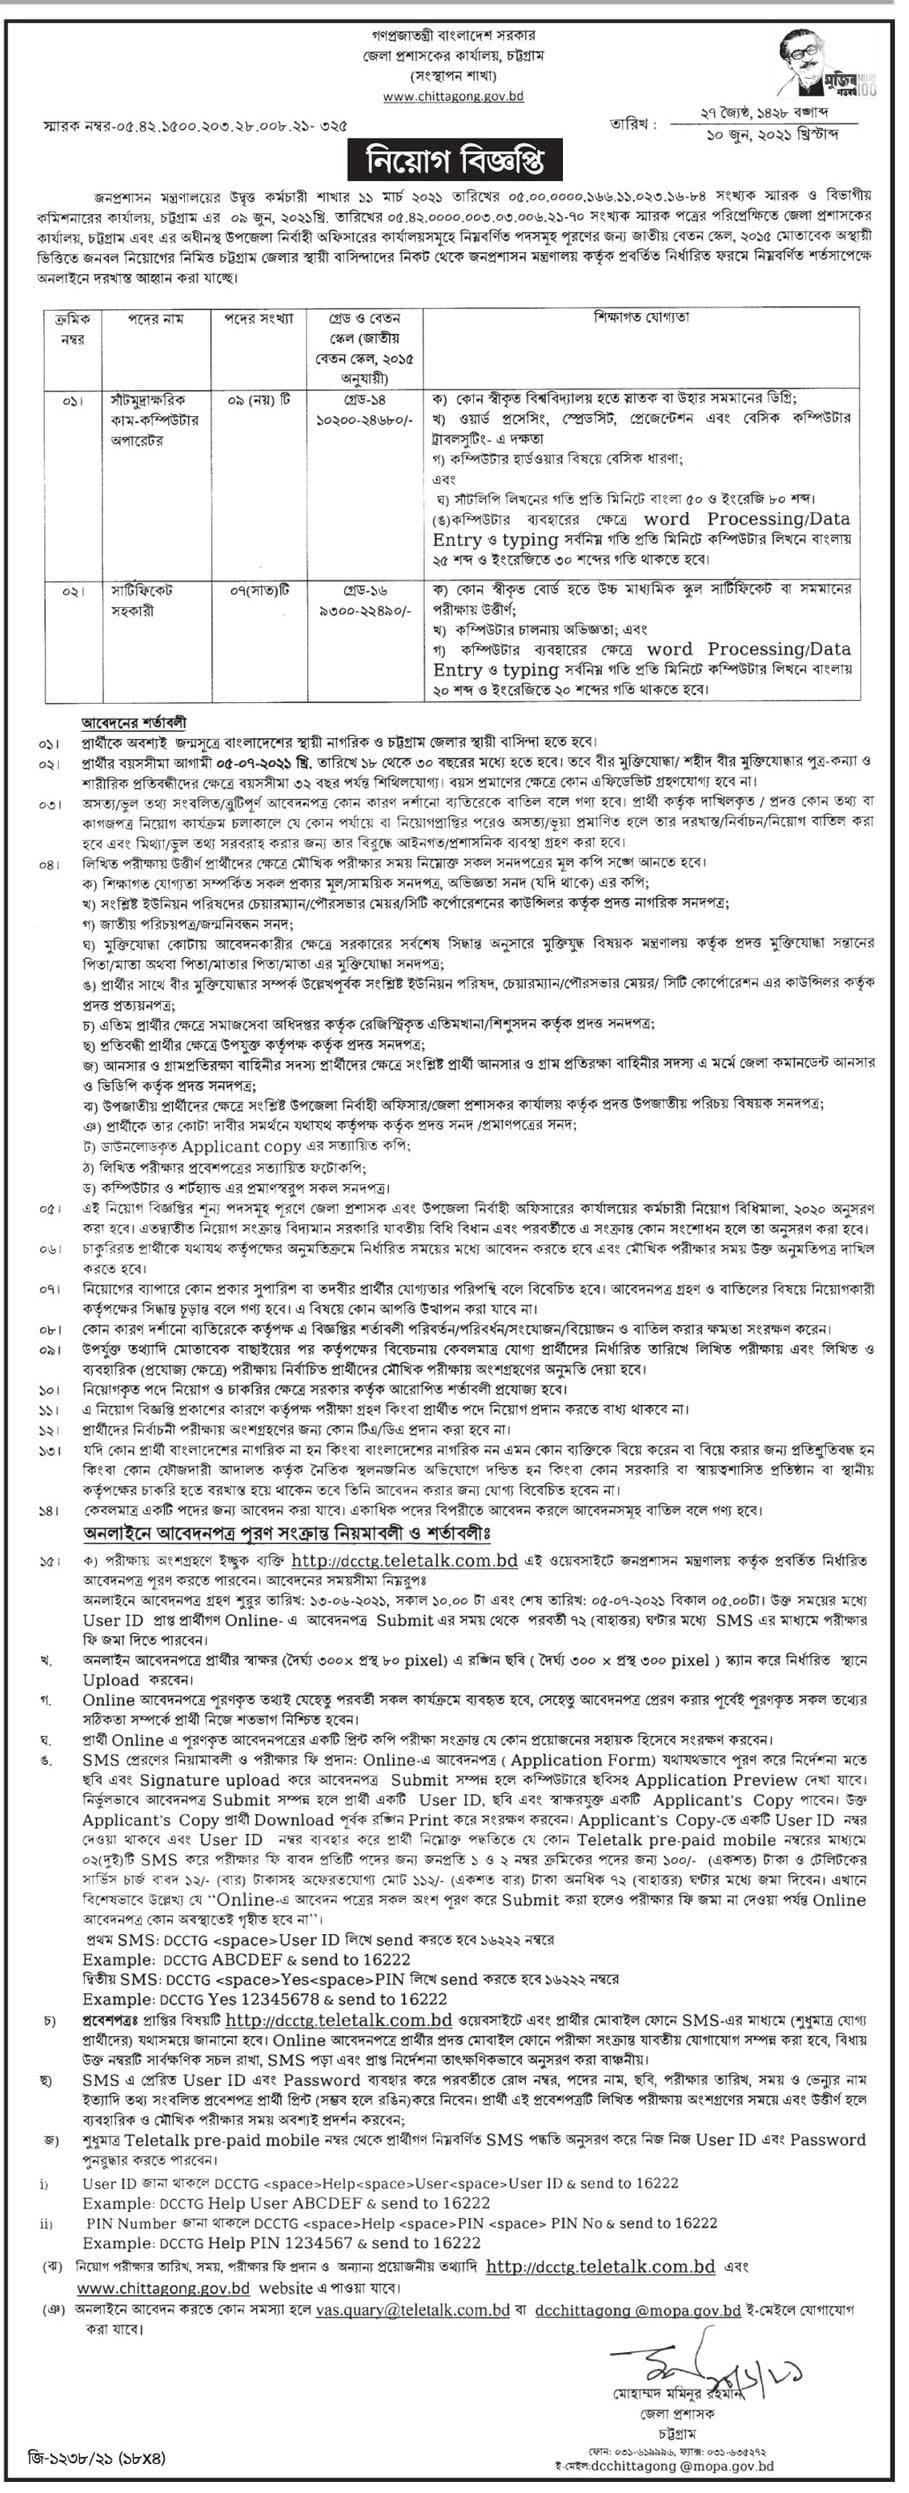 DCCTG Job Circular 2021 - dcctg.teletalk.com.bd